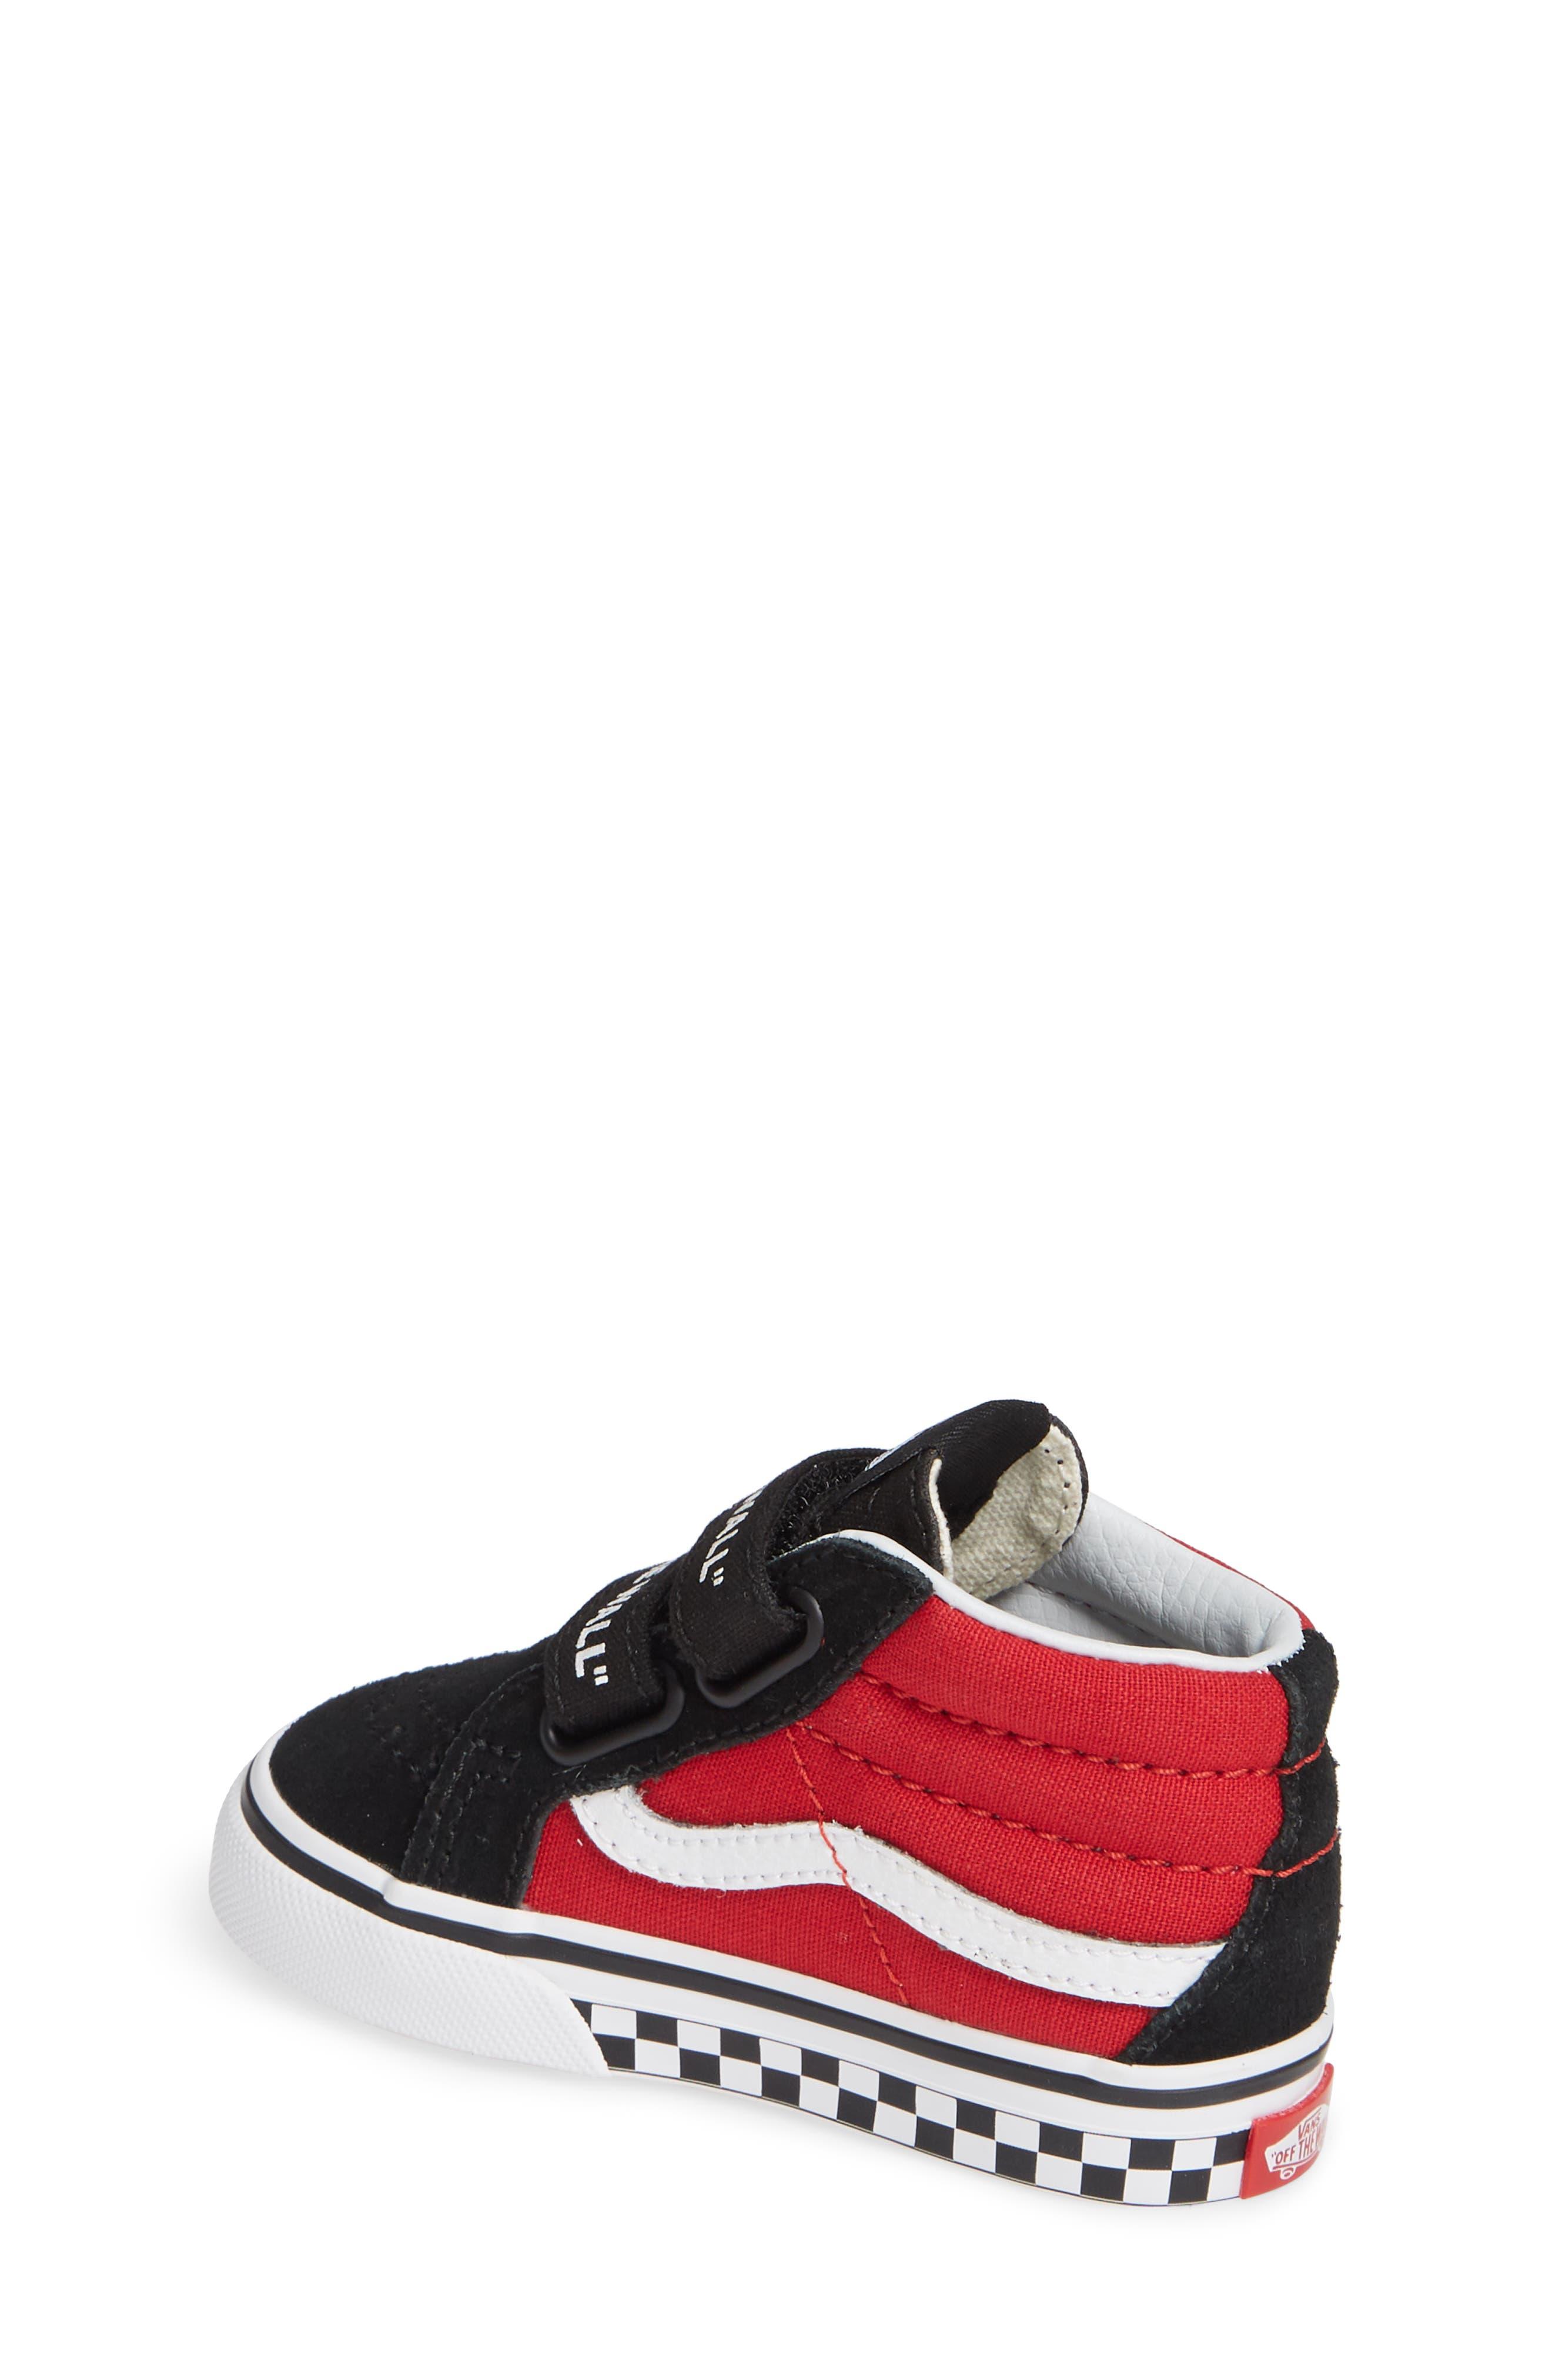 VANS, 'Sk8-Mid Reissue' Sneaker, Alternate thumbnail 2, color, BLACK/ RED / WHITE